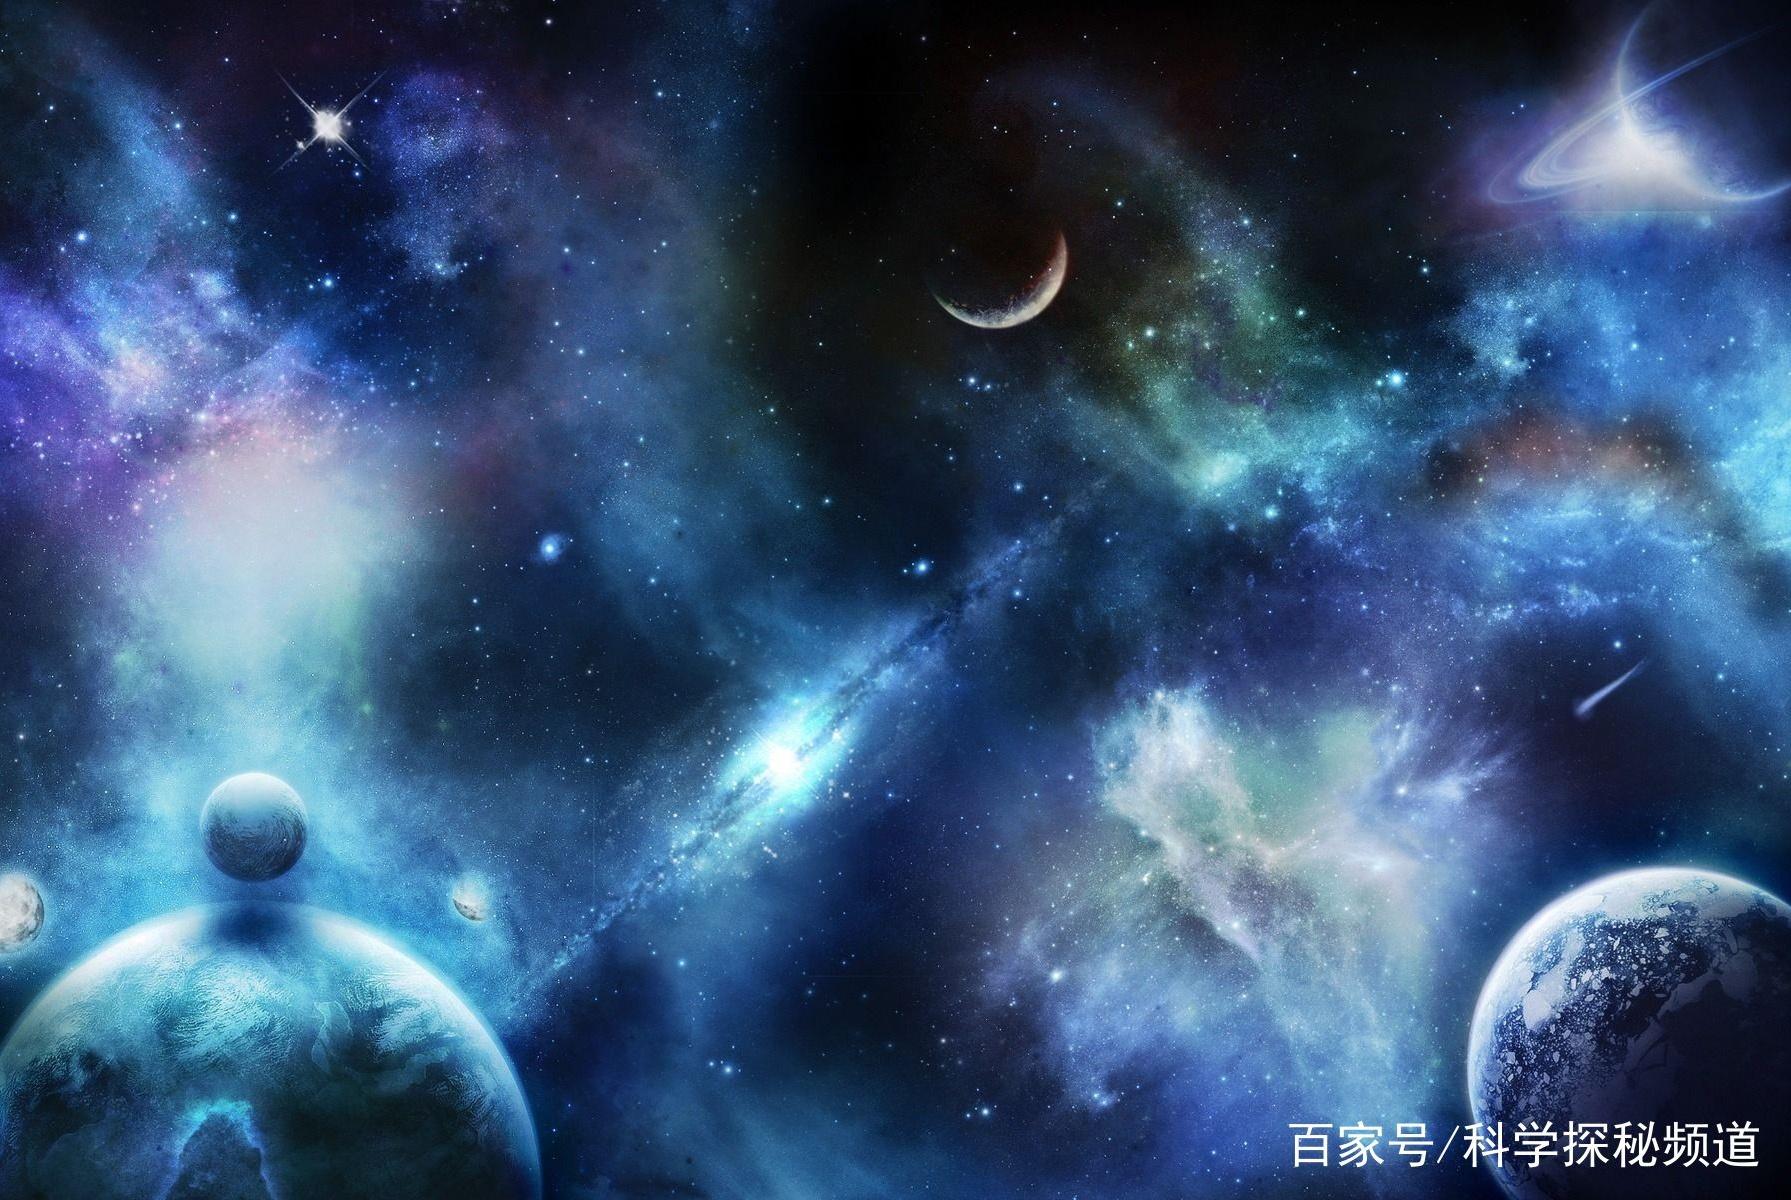 如果地球毁灭生命灭亡,那么宇宙的存在还有意义吗?